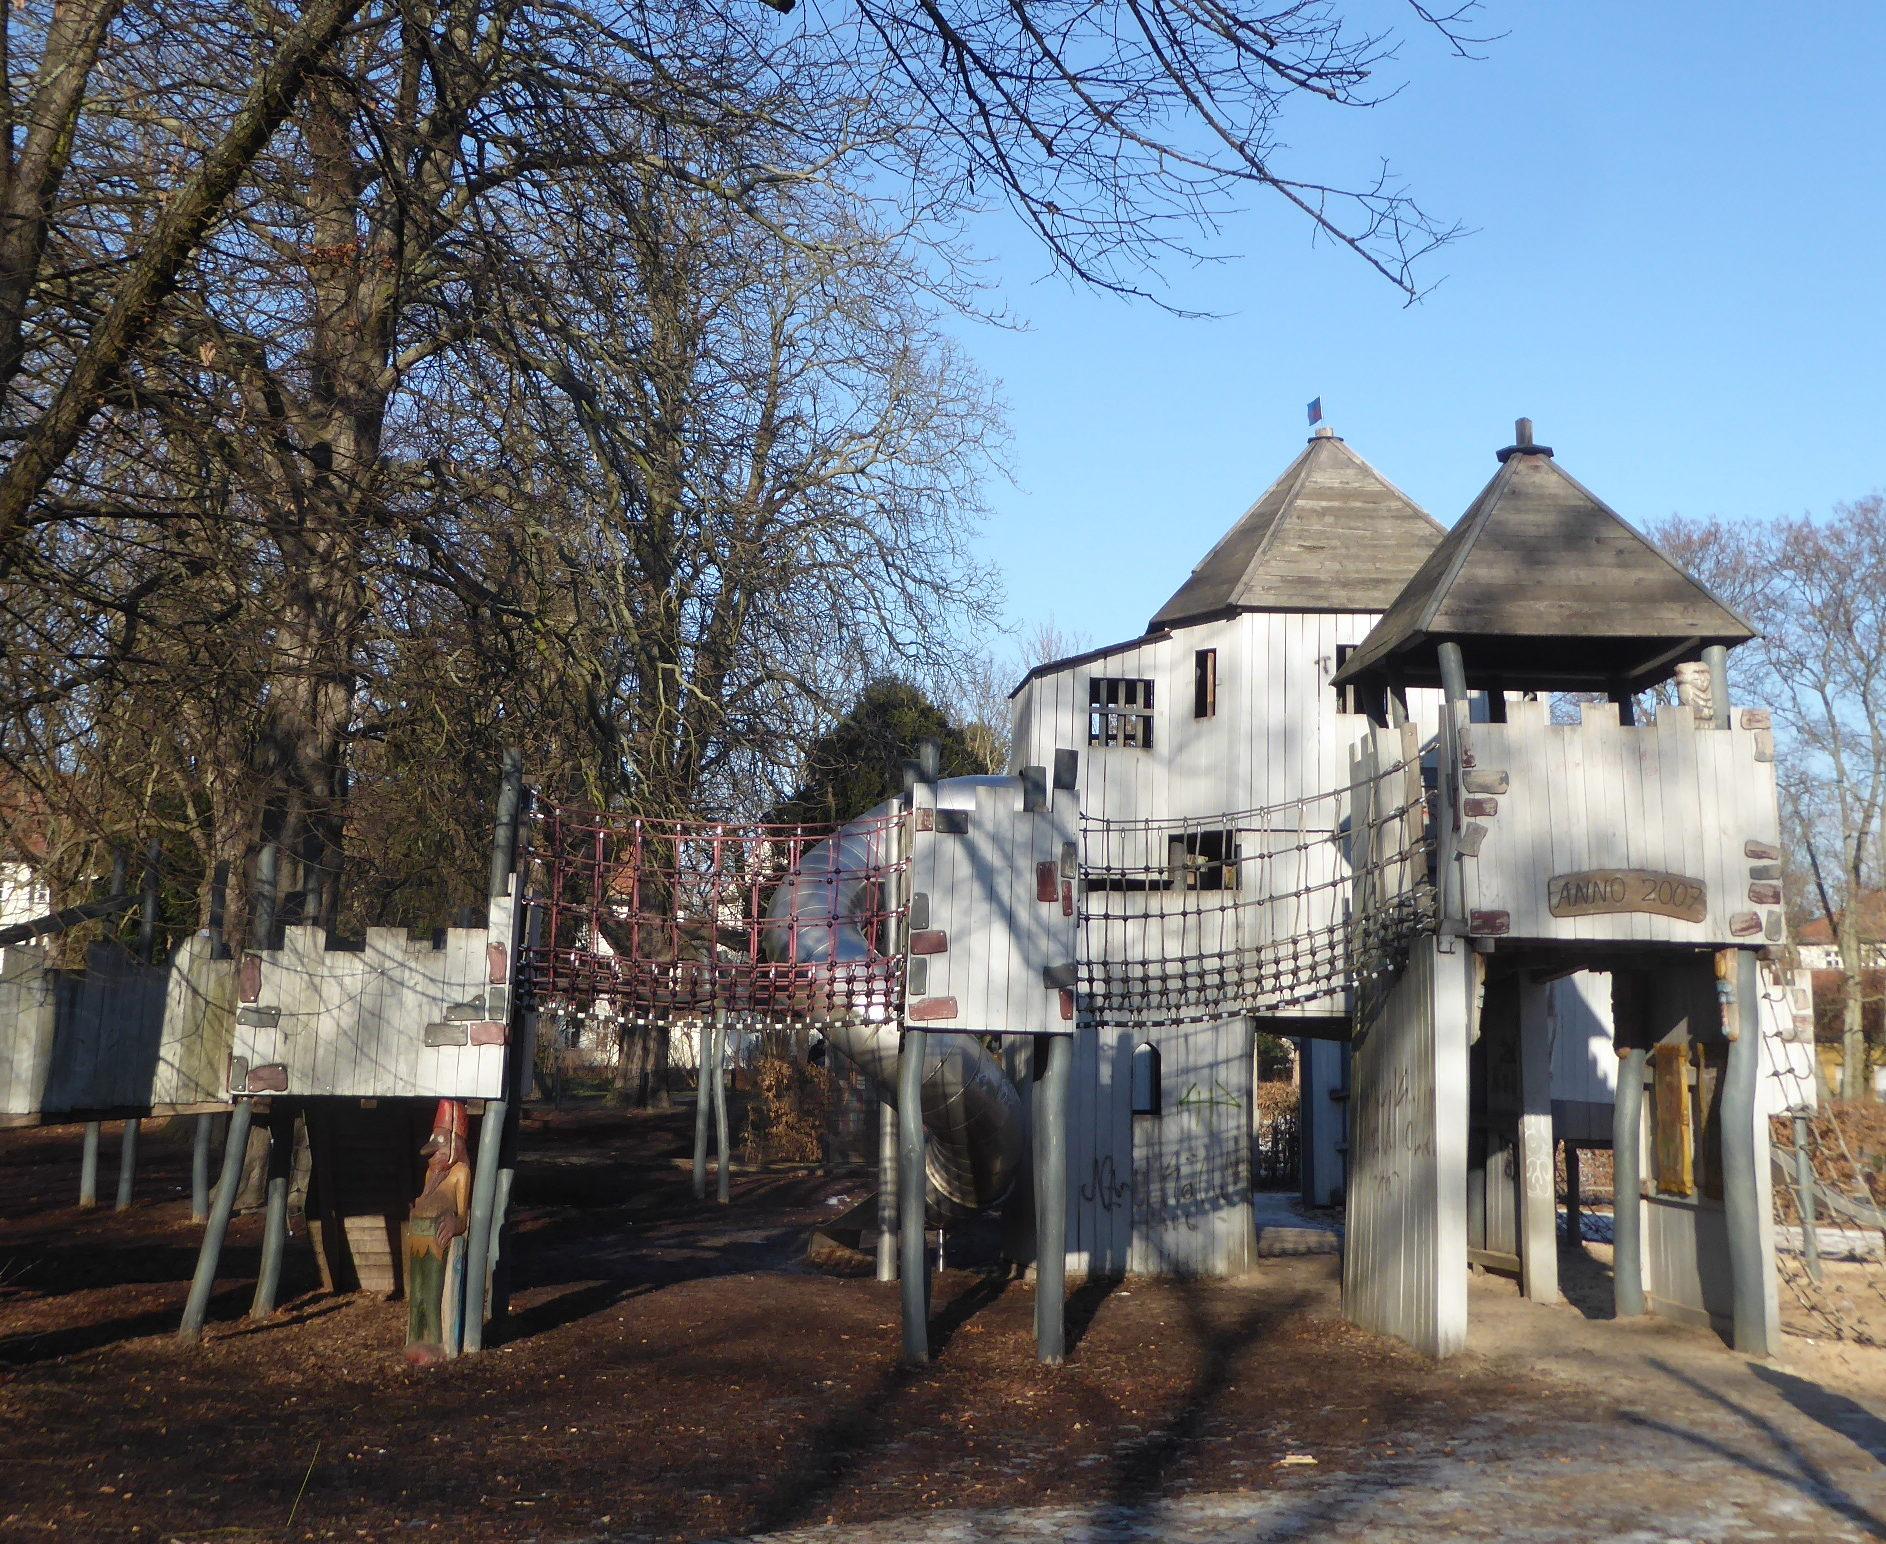 Ritterspiele in Neukölln: der Märchenspielplatz